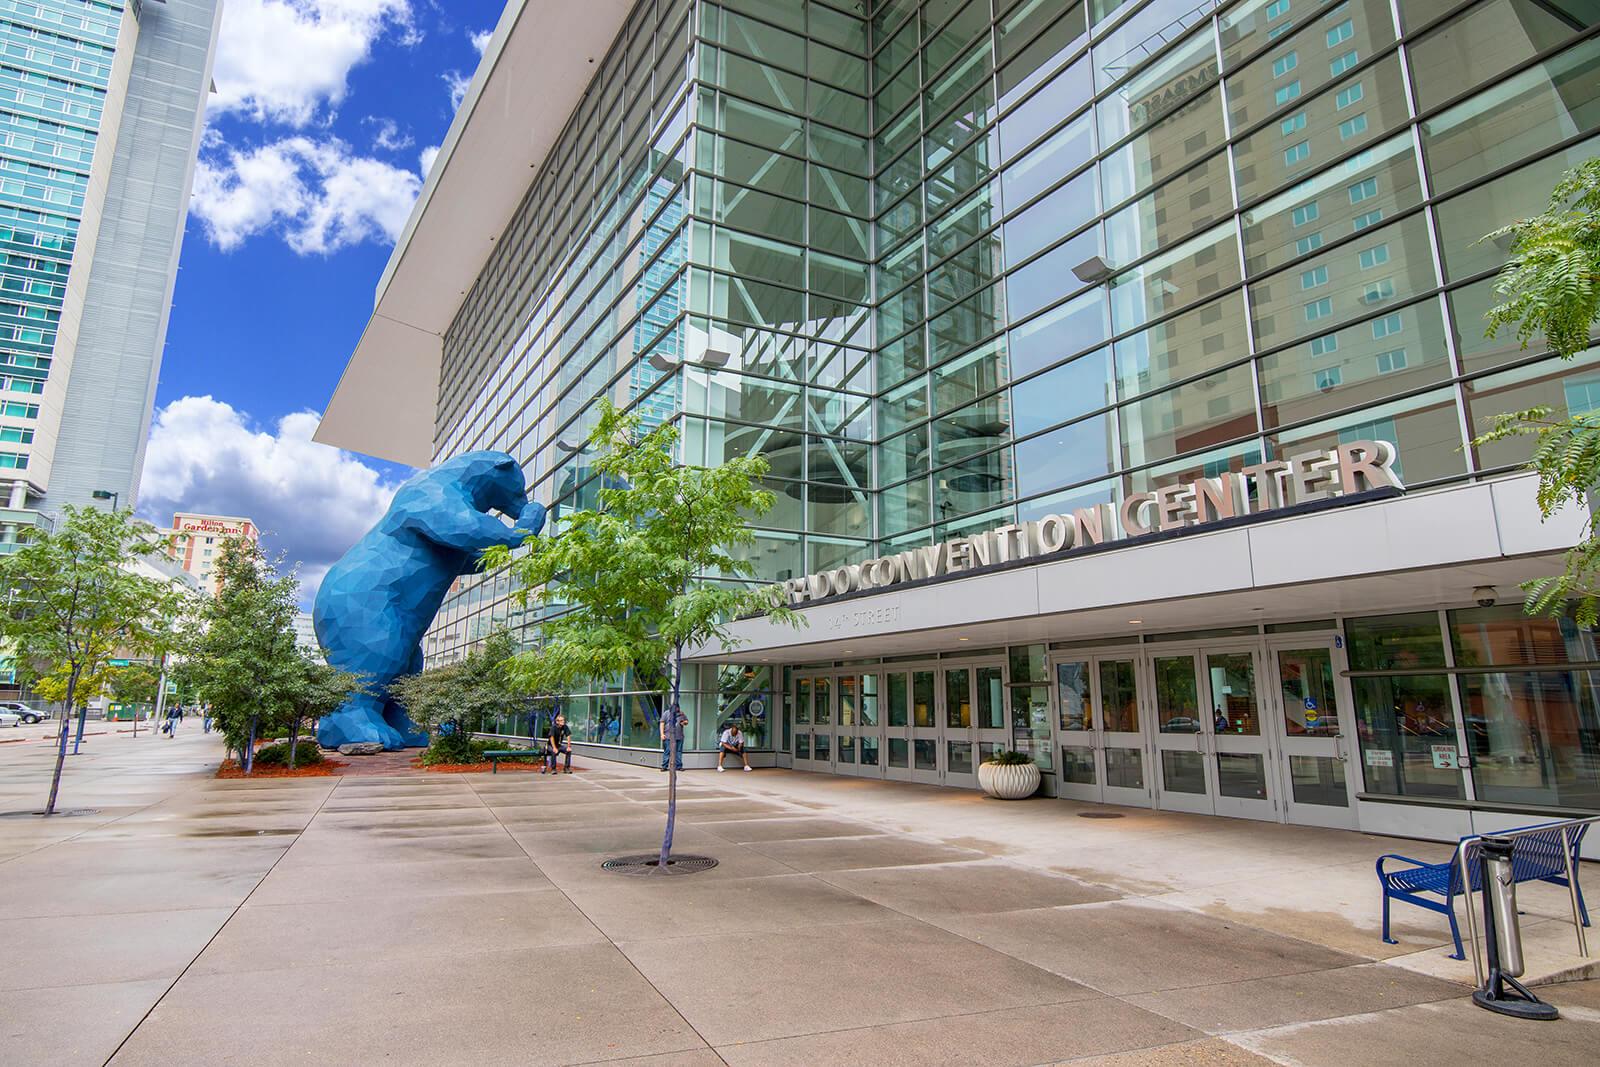 Denver Convention Center near 1000 Speer by Windsor, Denver, Colorado